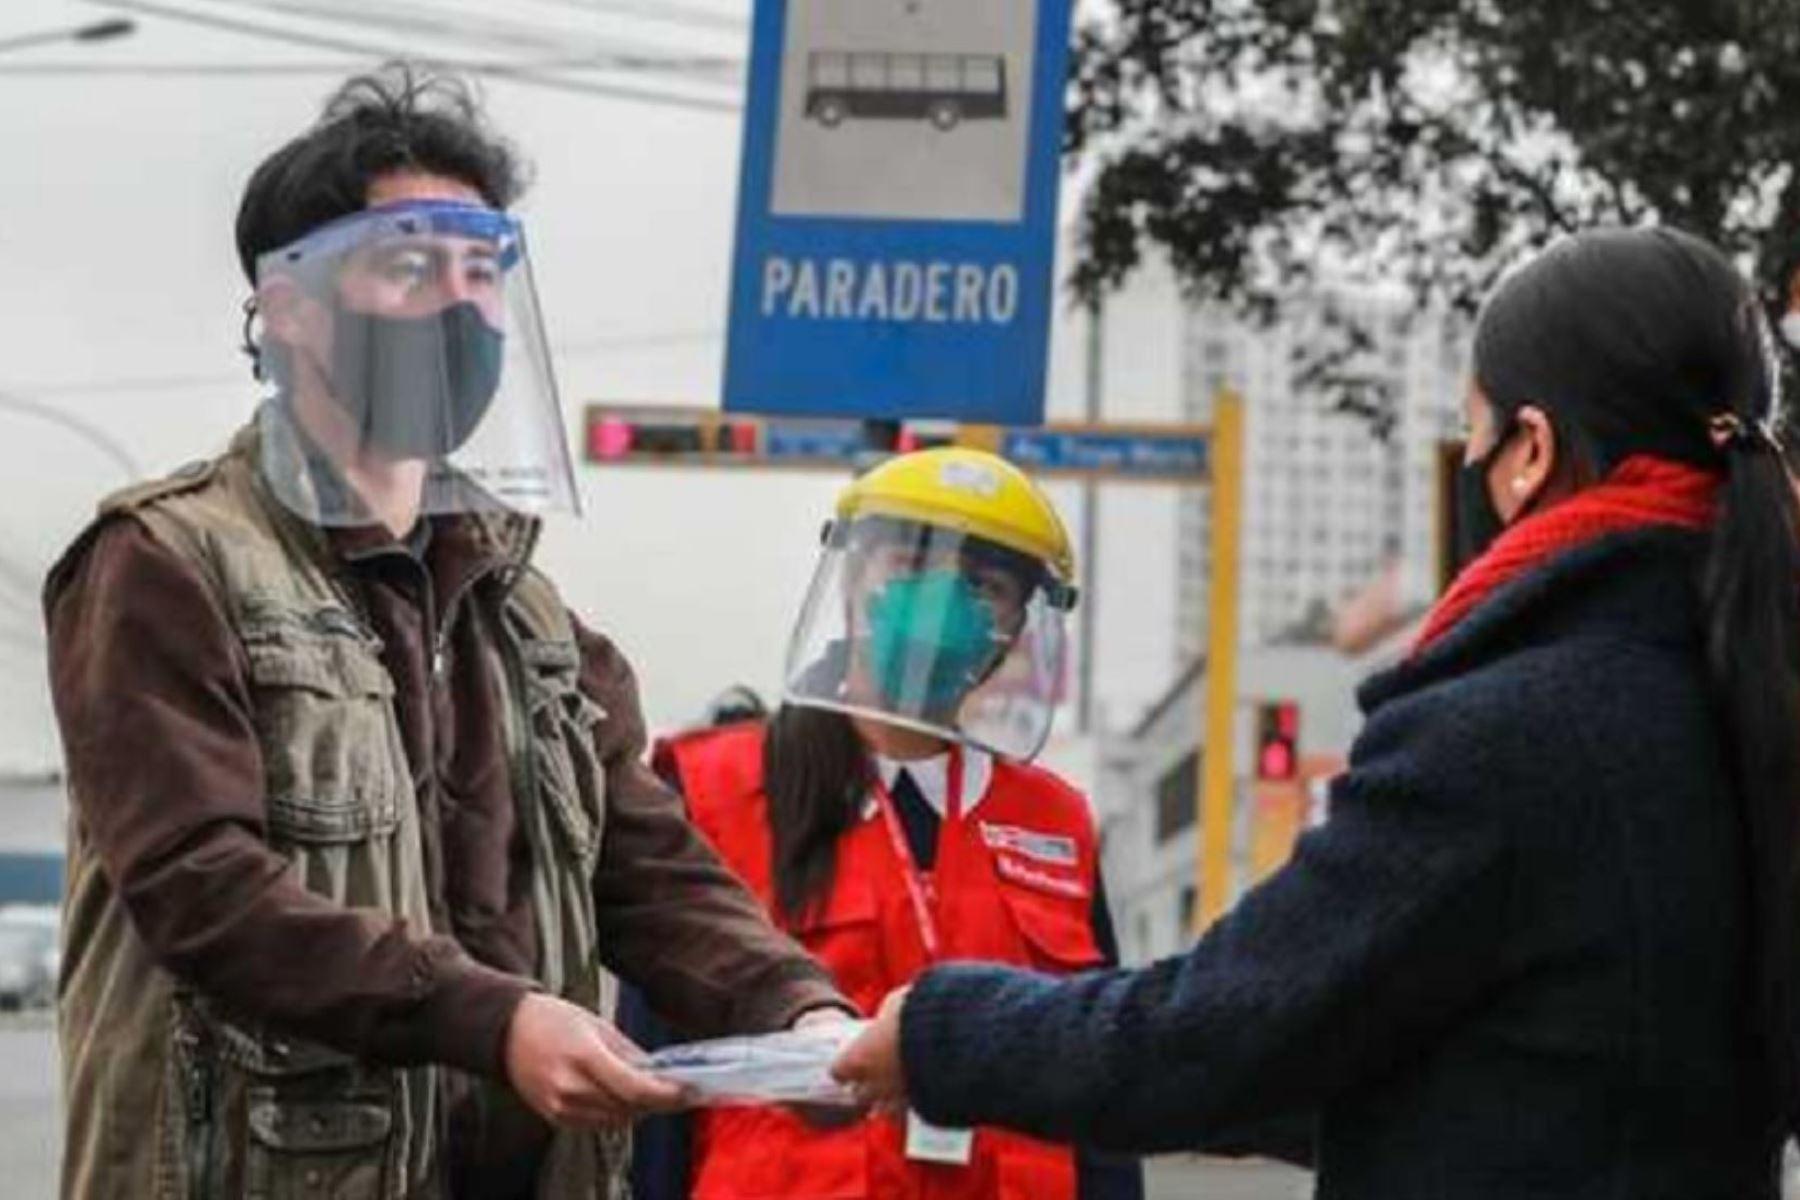 El Ministerio de Transportes y Comunicaciones (MTC) distribuyó más de ocho millones de protectores faciales para los usuarios del transporte público urbano en 141 ciudades del país. Foto: MTC.